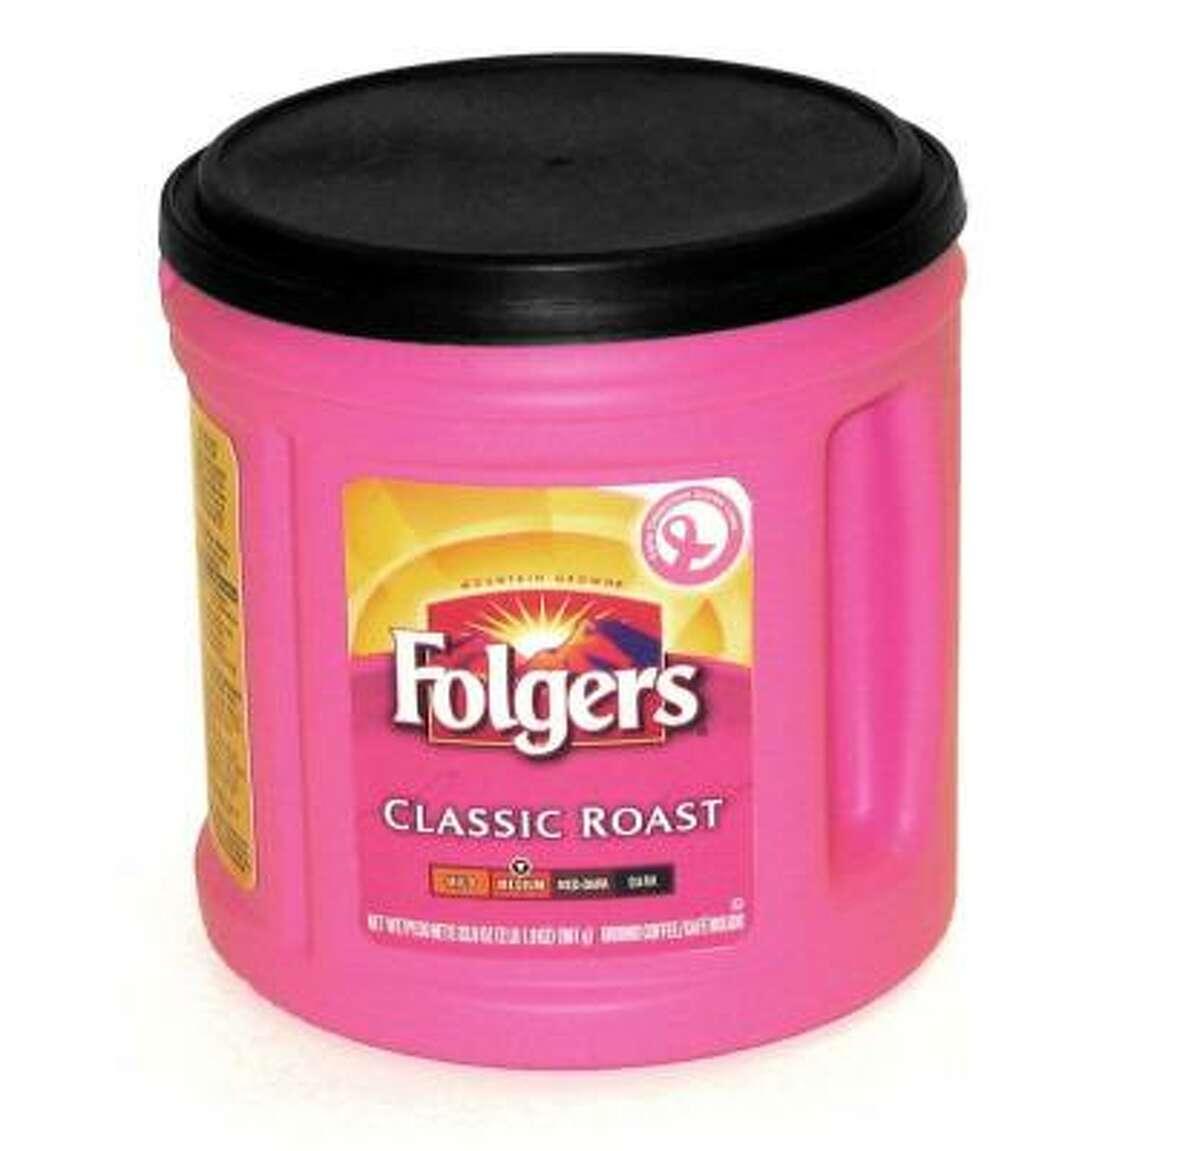 Folgers' coffee roast